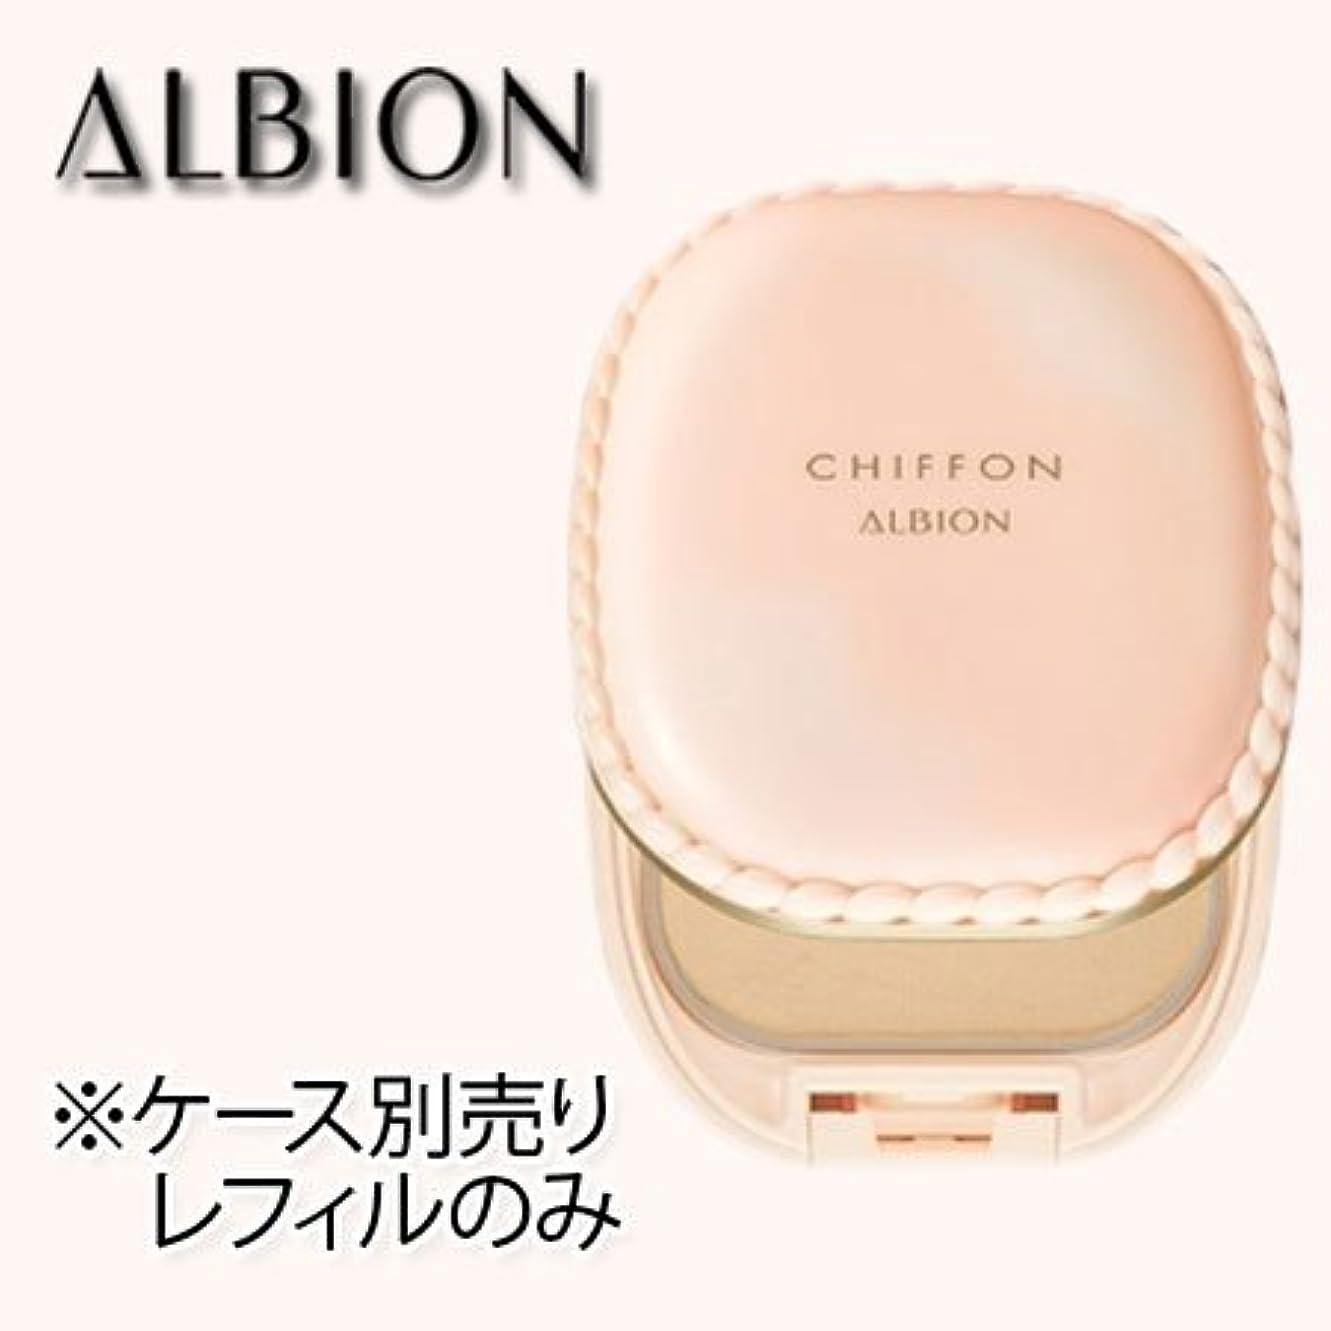 メイト記録カウンタアルビオン スウィート モイスチュア シフォン (レフィル) 10g 6色 SPF22 PA++-ALBION- 050